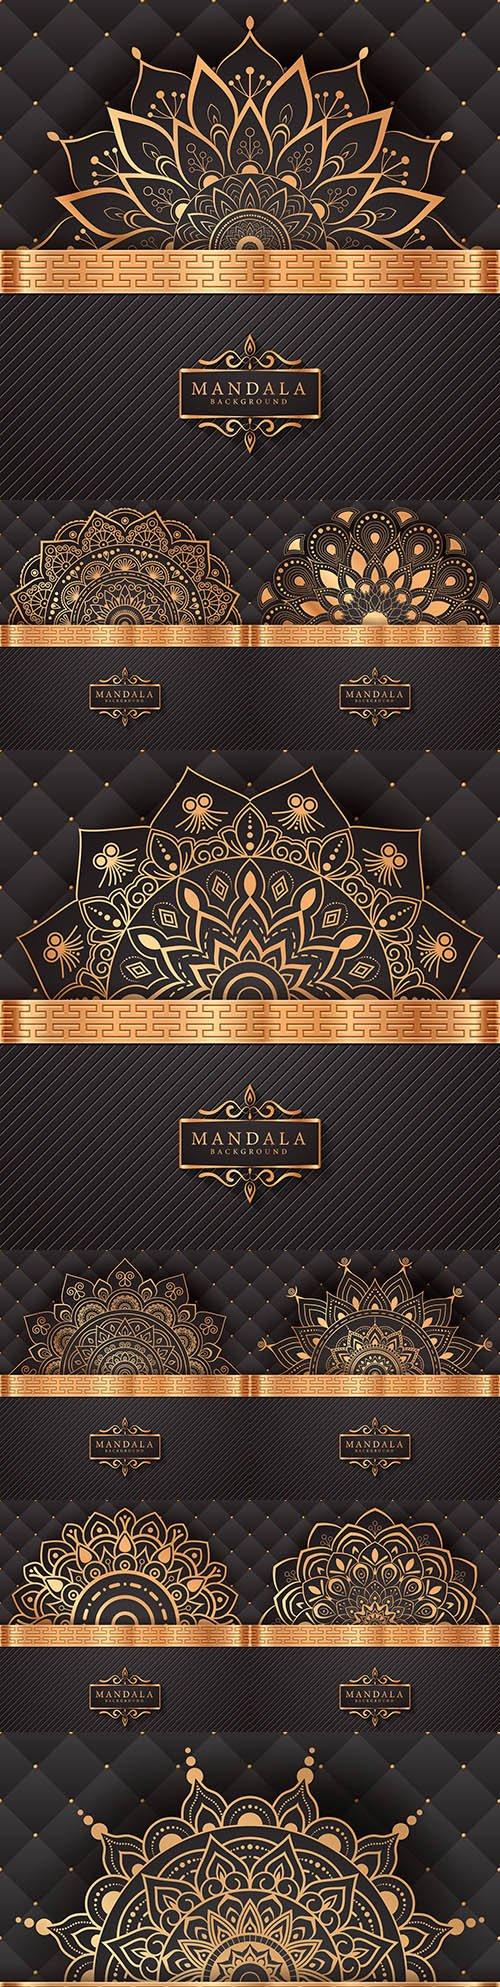 Mandala creative luxury gold design background 6